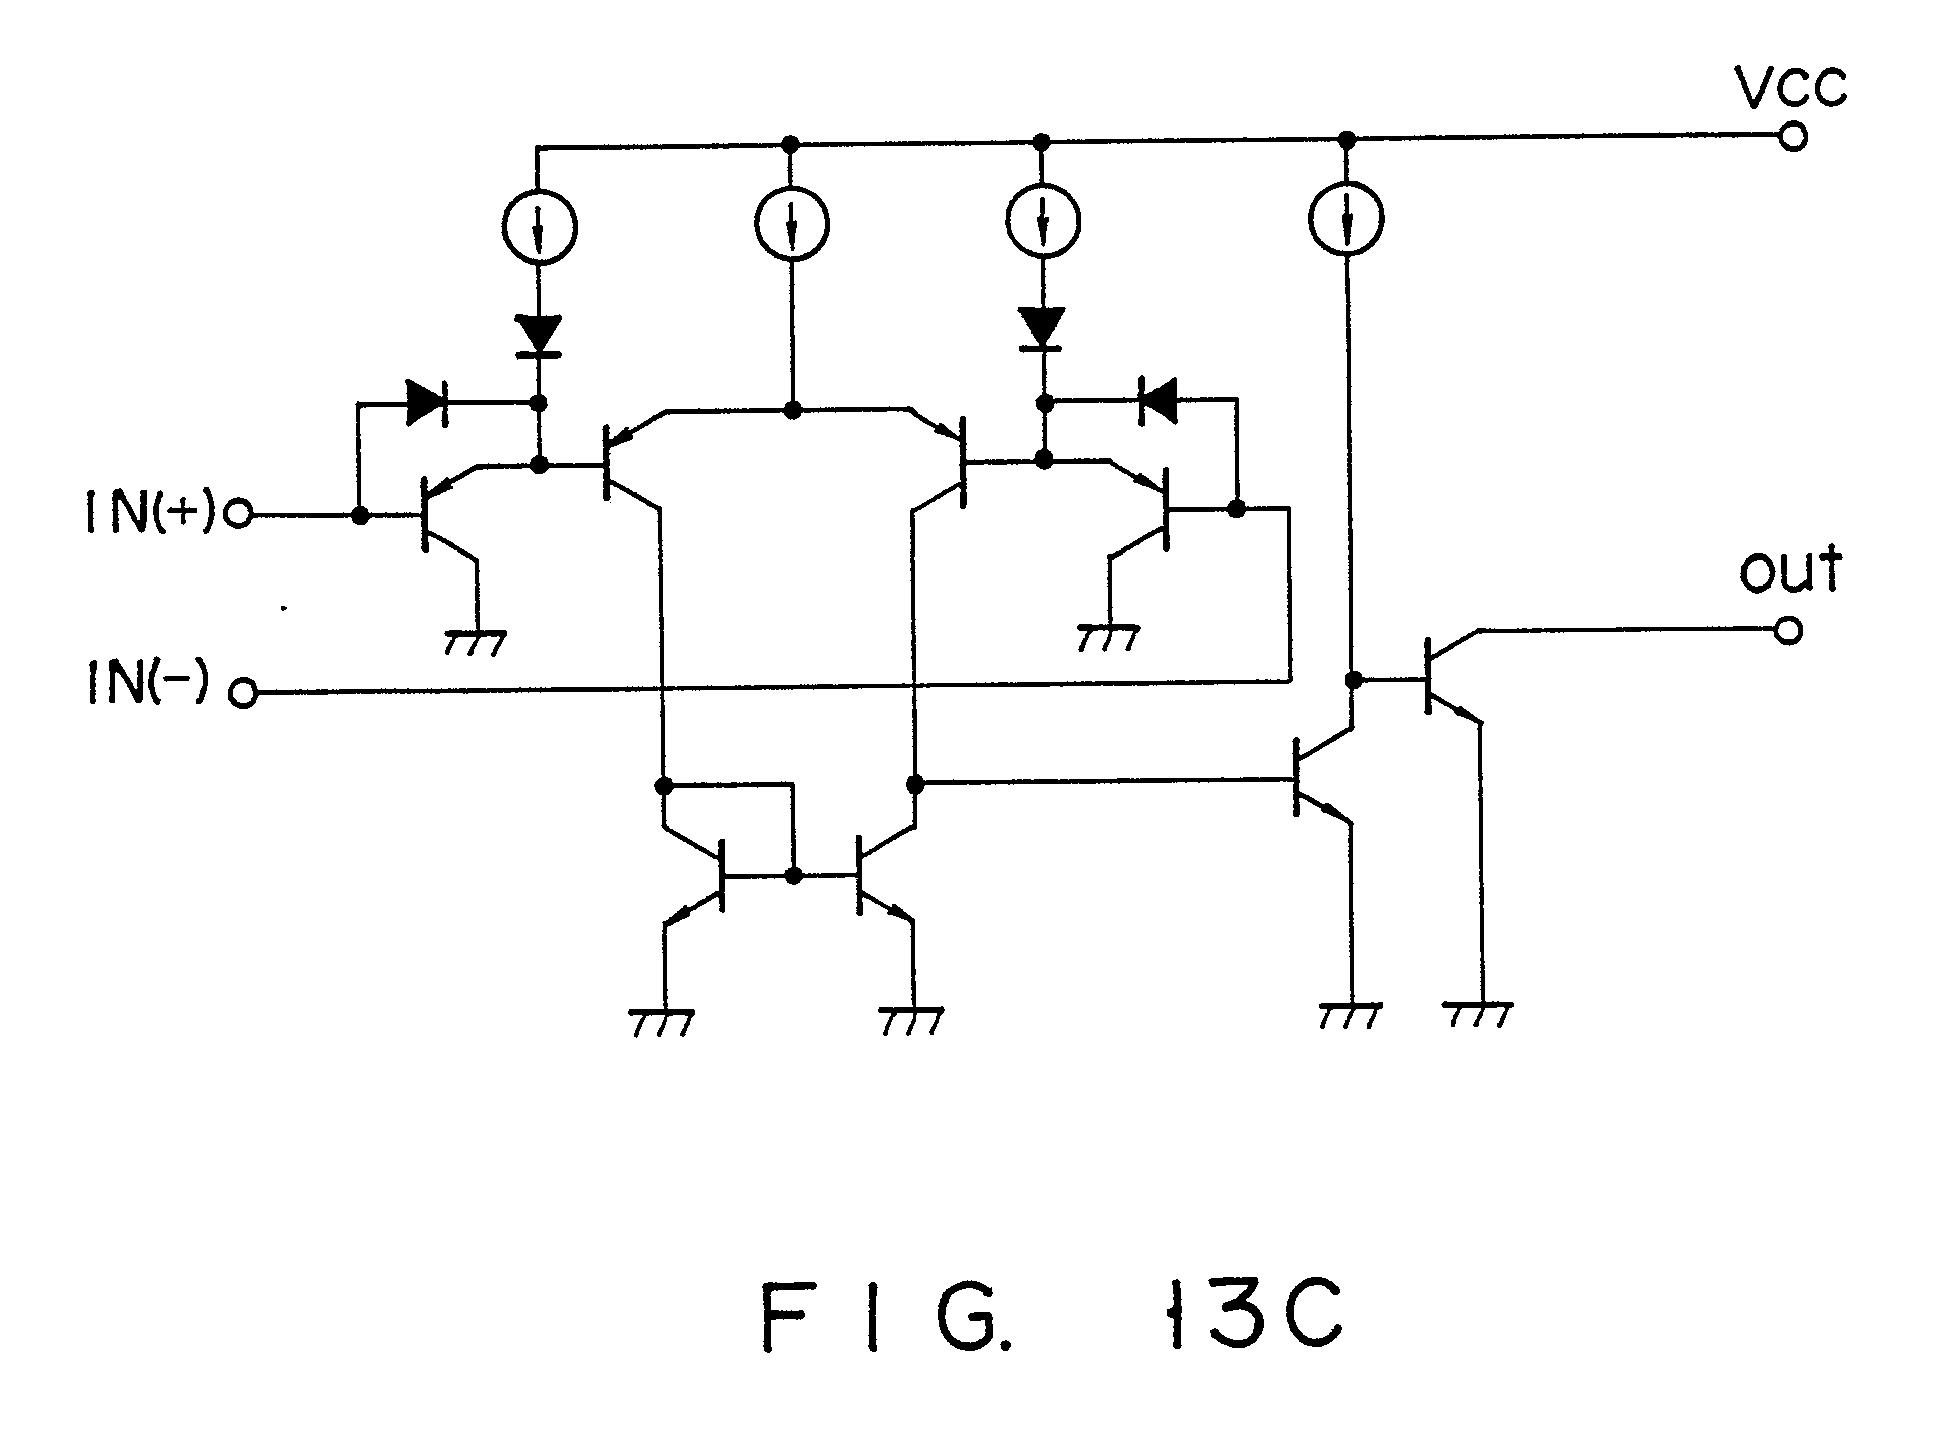 patent ep0338517a2 - schmitt trigger circuit